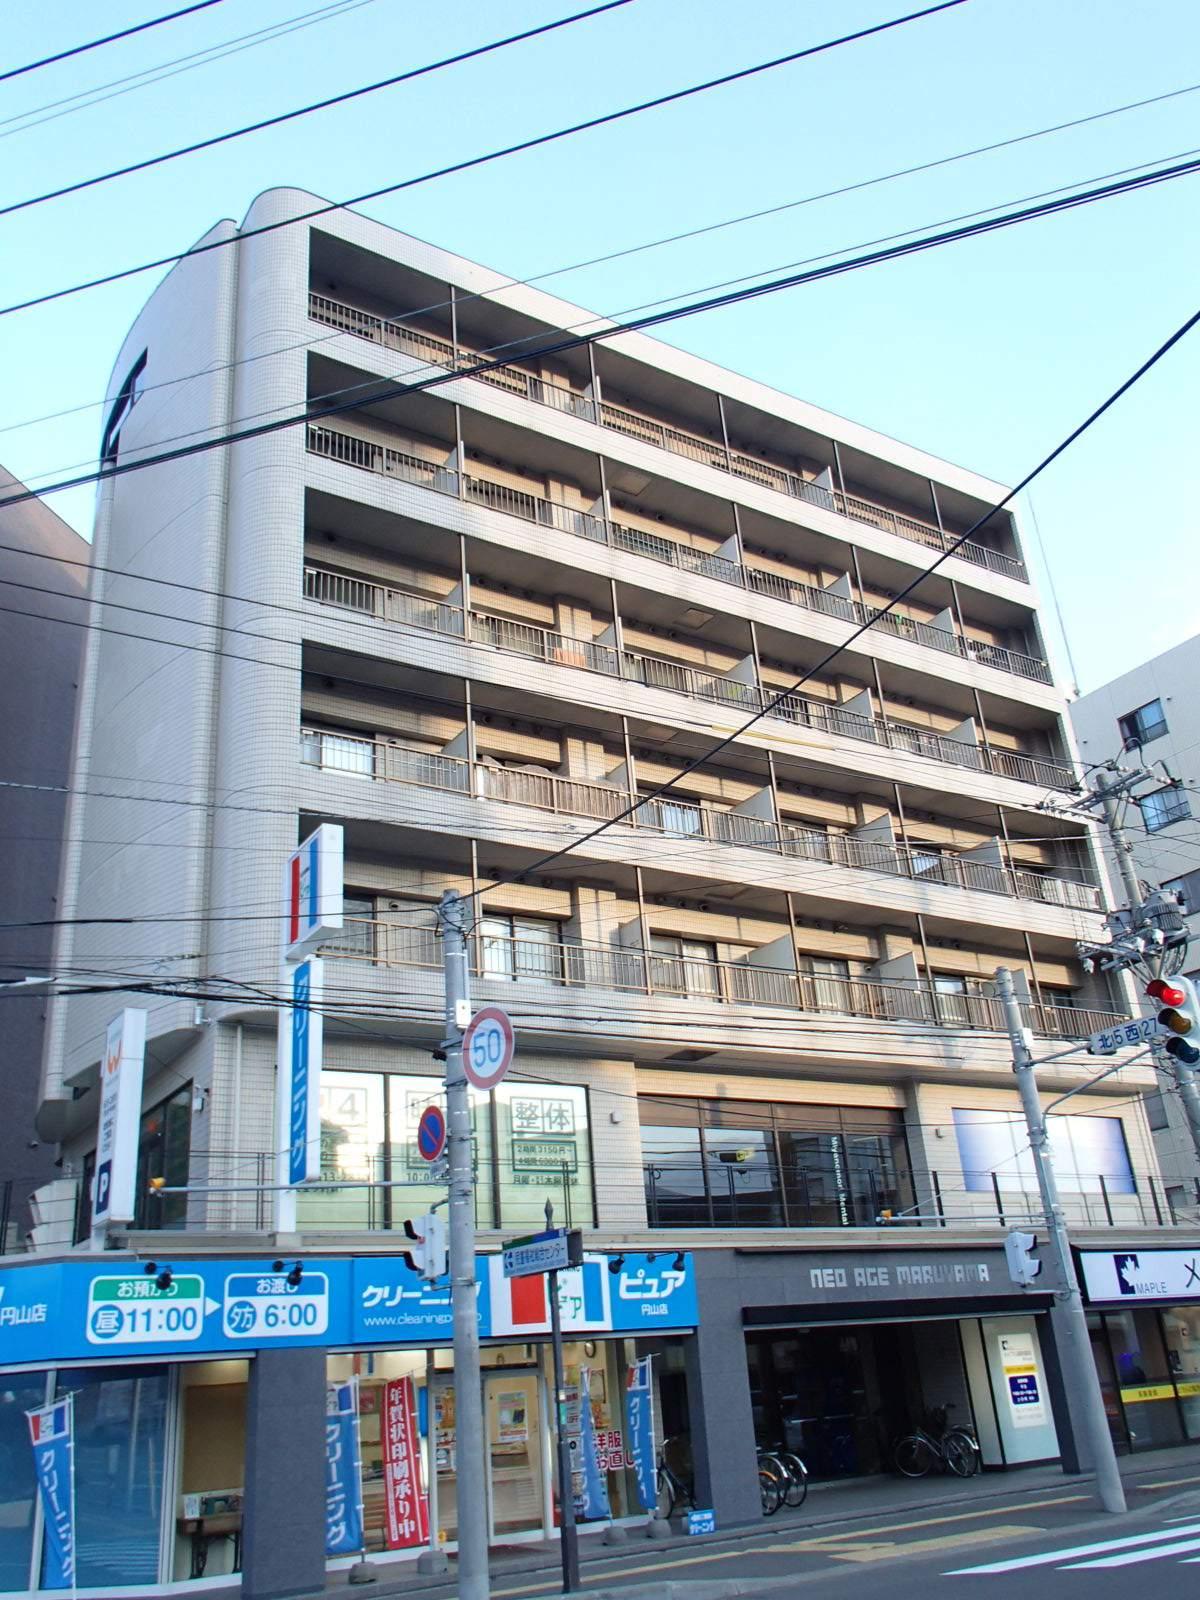 北海道札幌市中央区、二十四軒駅徒歩11分の築30年 7階建の賃貸マンション